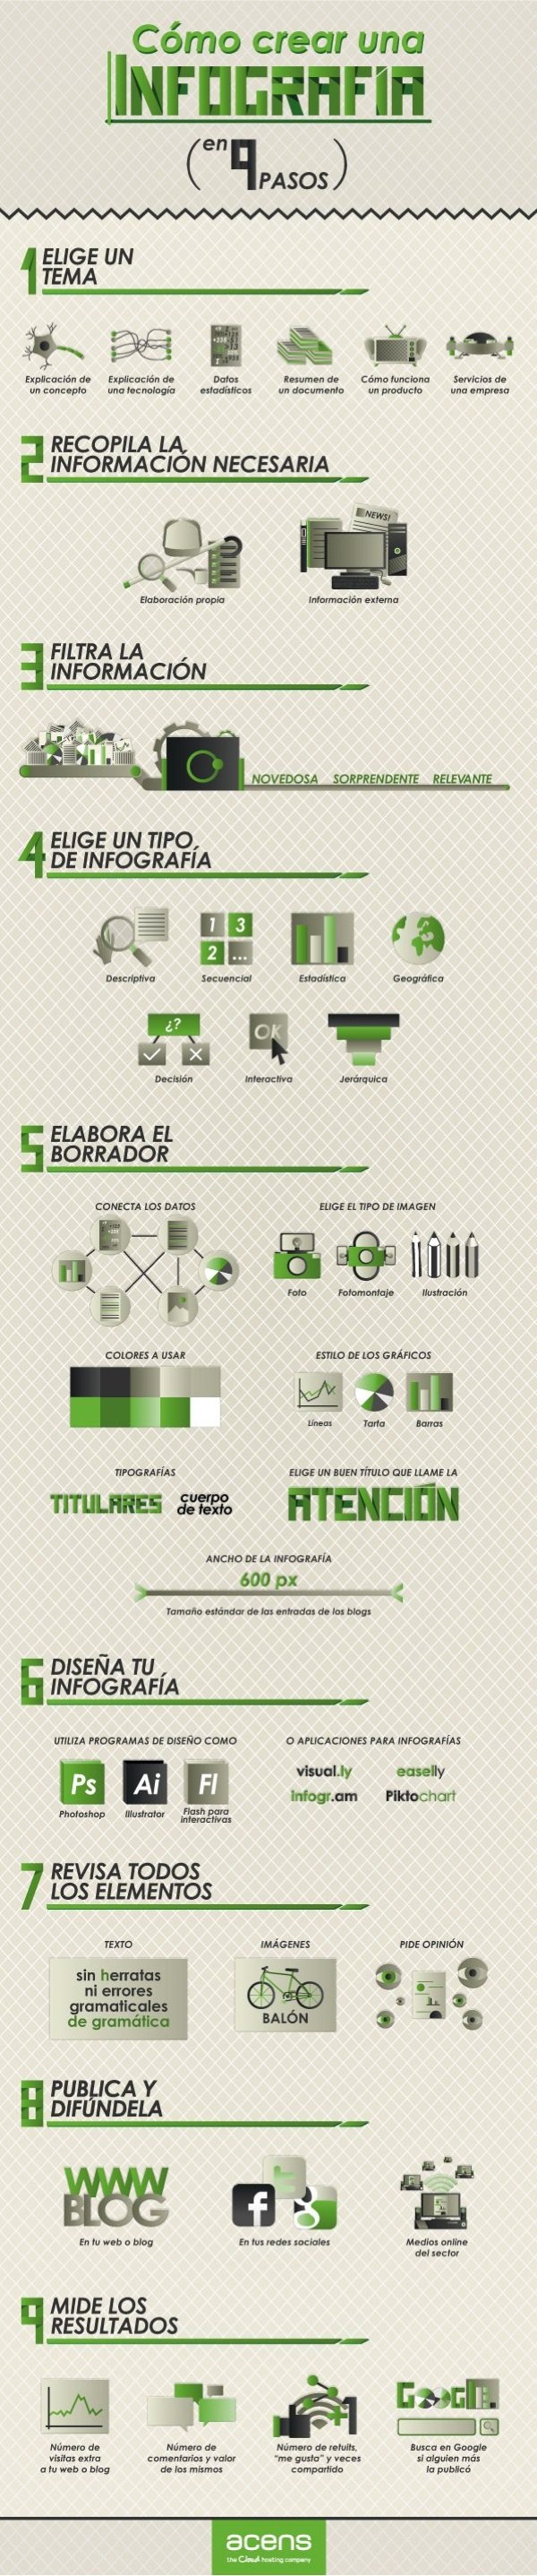 Cómo crear una infografía en 9 pasos #Infografia